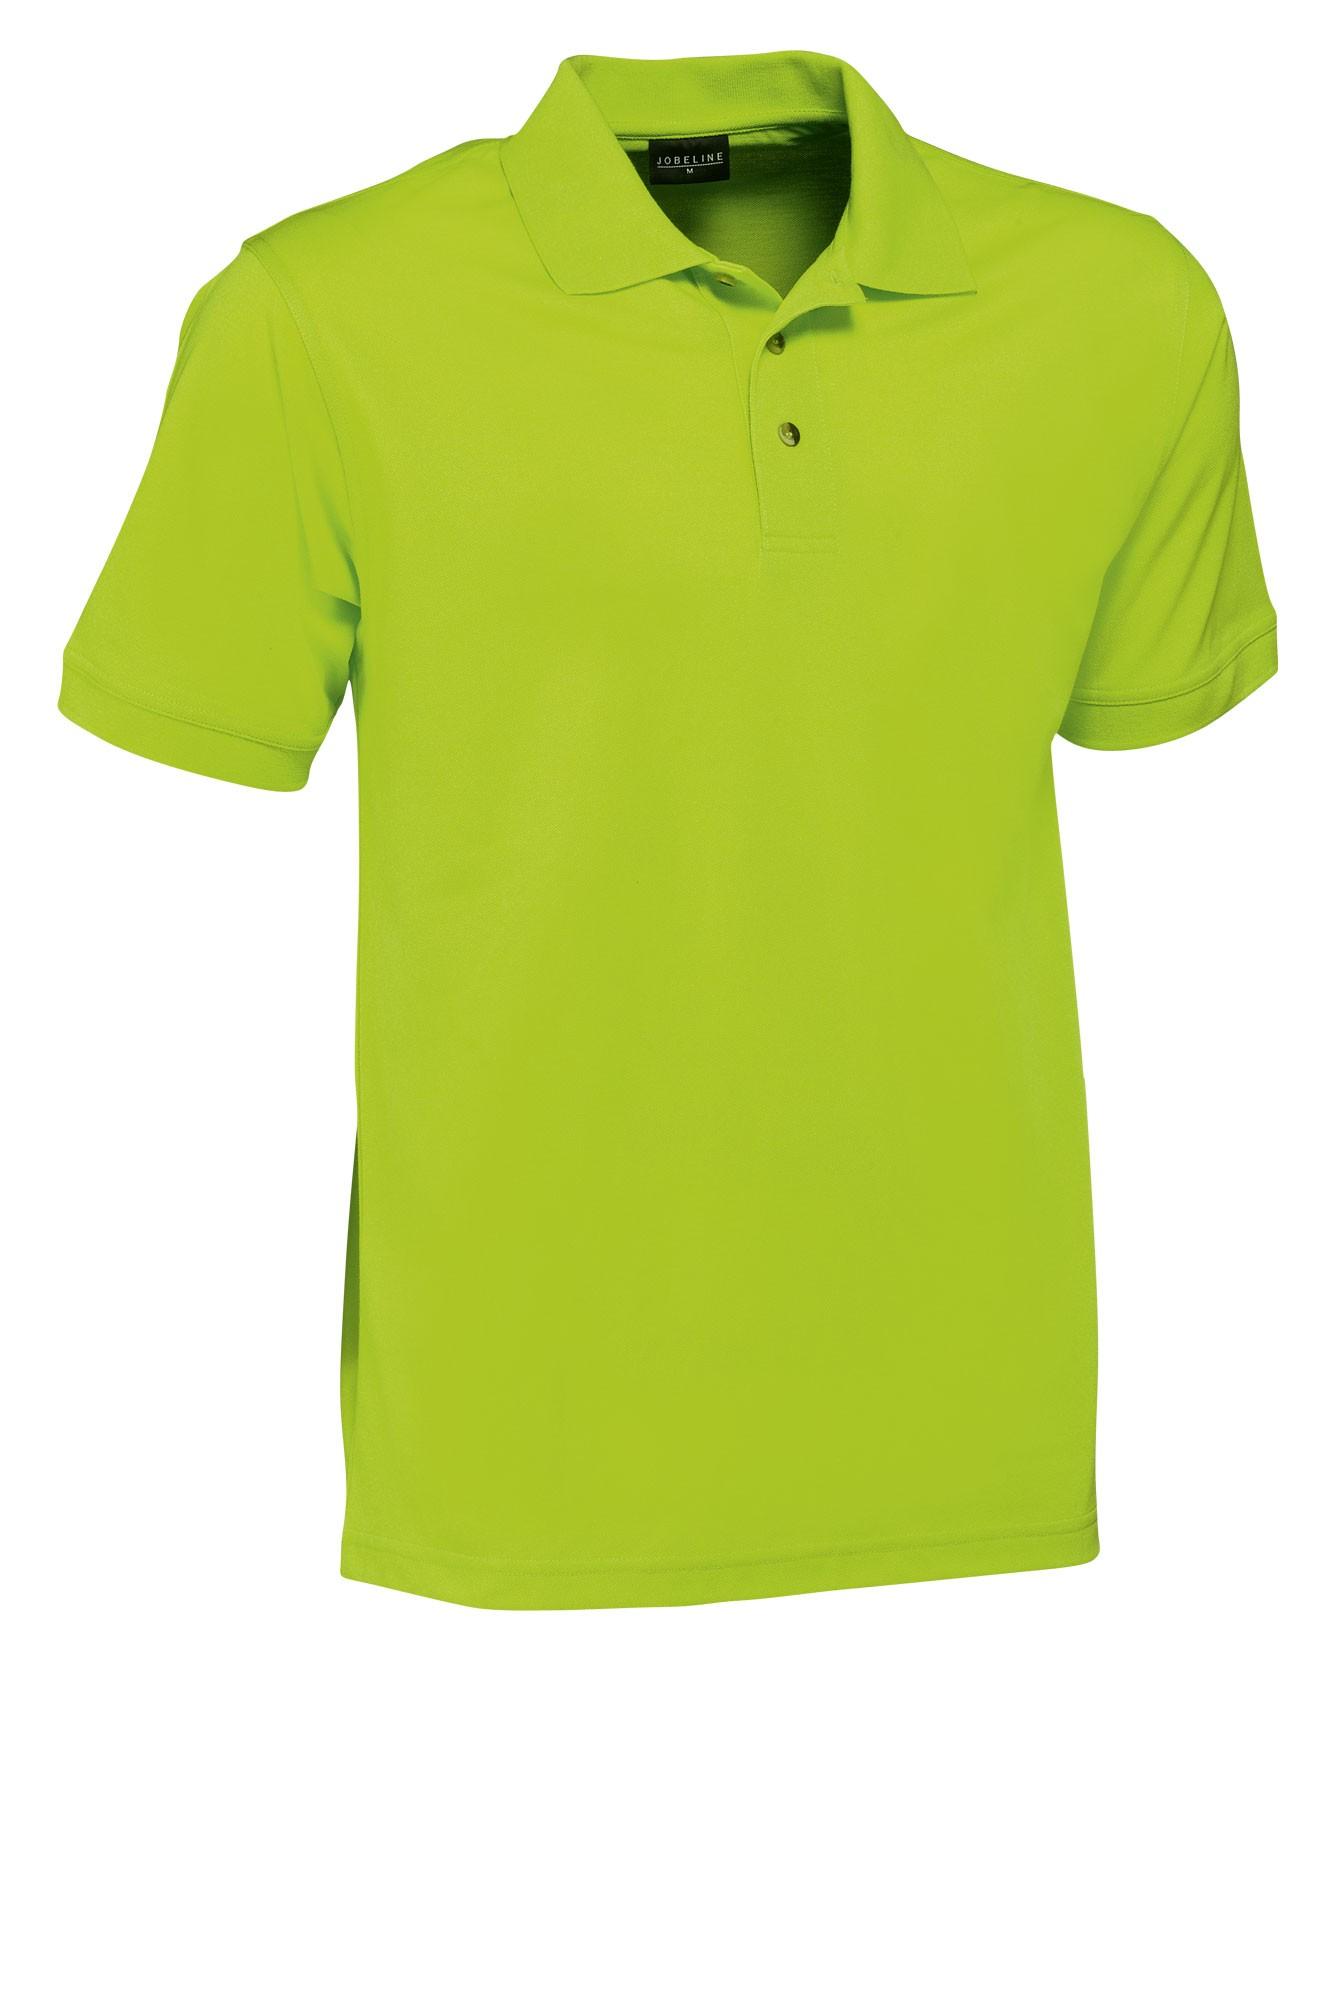 Pánské tričko Fly - zelené jablko